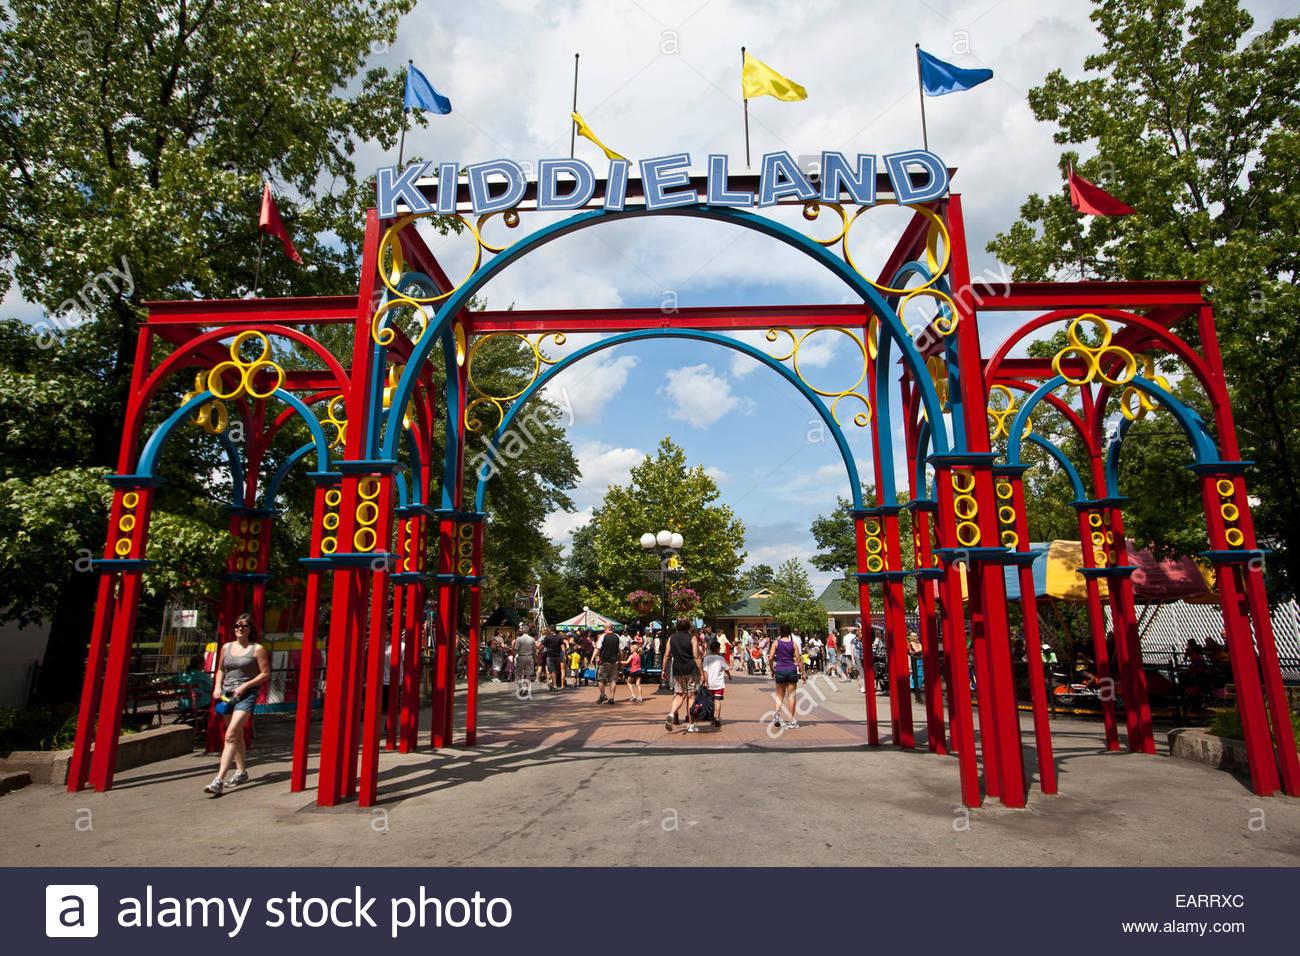 Ingresso Kiddieland A Kennywood Amusement Park